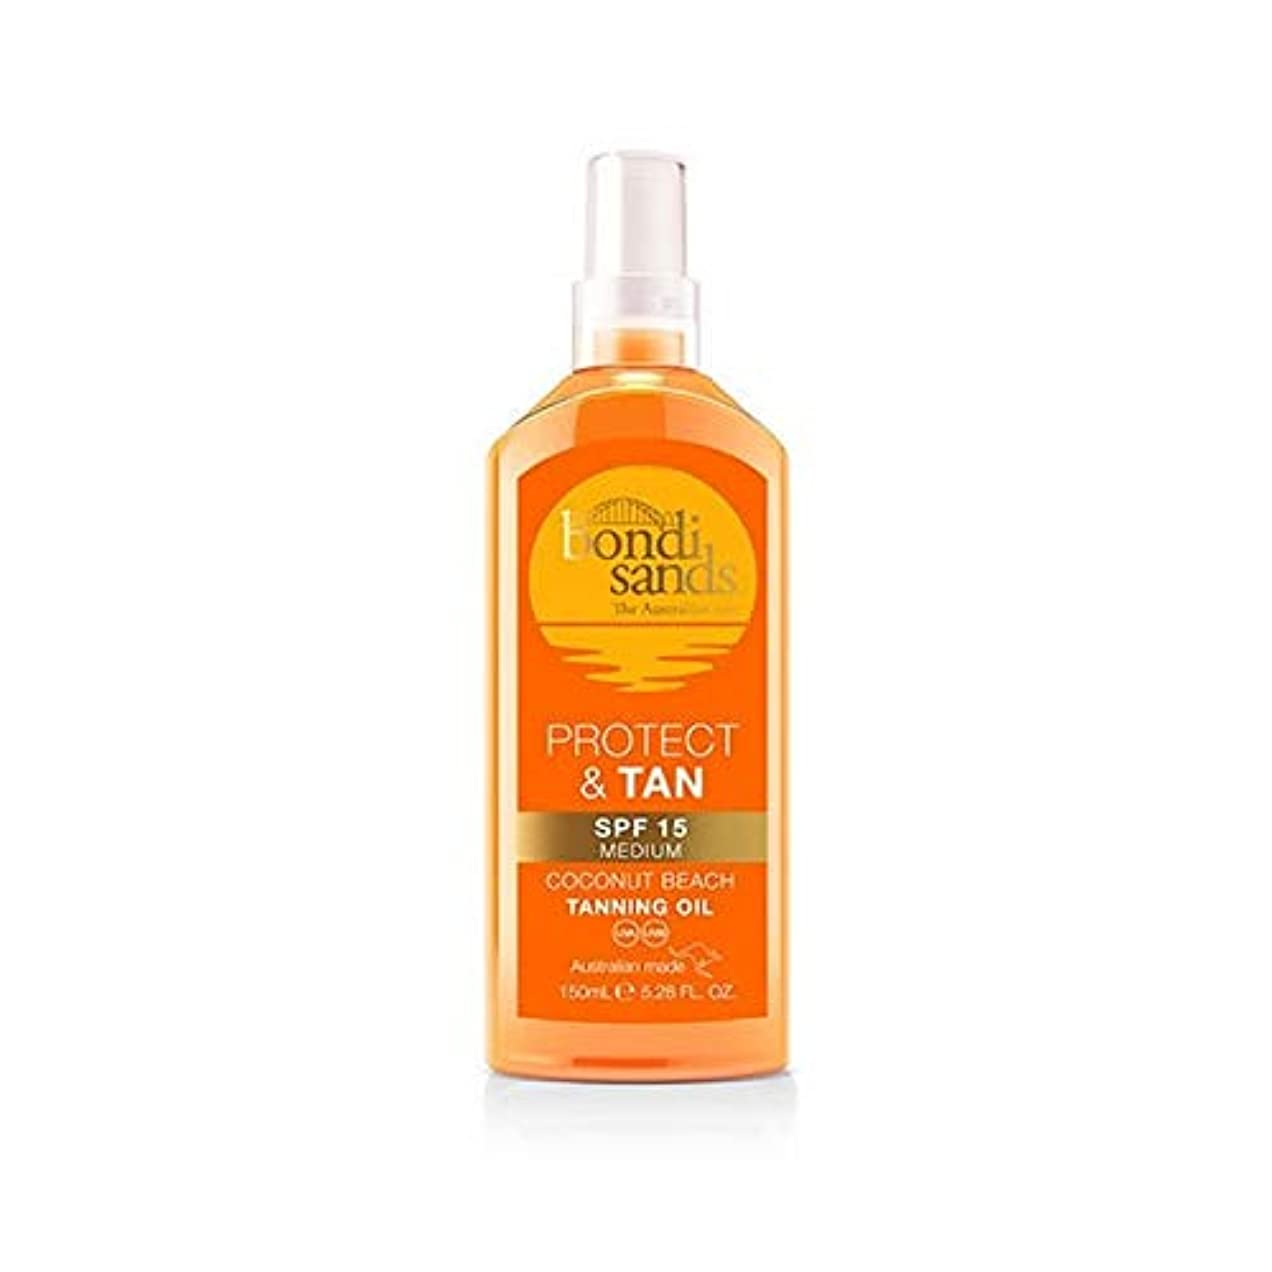 自然目を覚ます去る[Bondi Sands ] ボンダイ砂は、保護&日焼け日焼けオイルSpf 15 - Bondi Sands Protect & Tan Tanning Oil SPF 15 [並行輸入品]